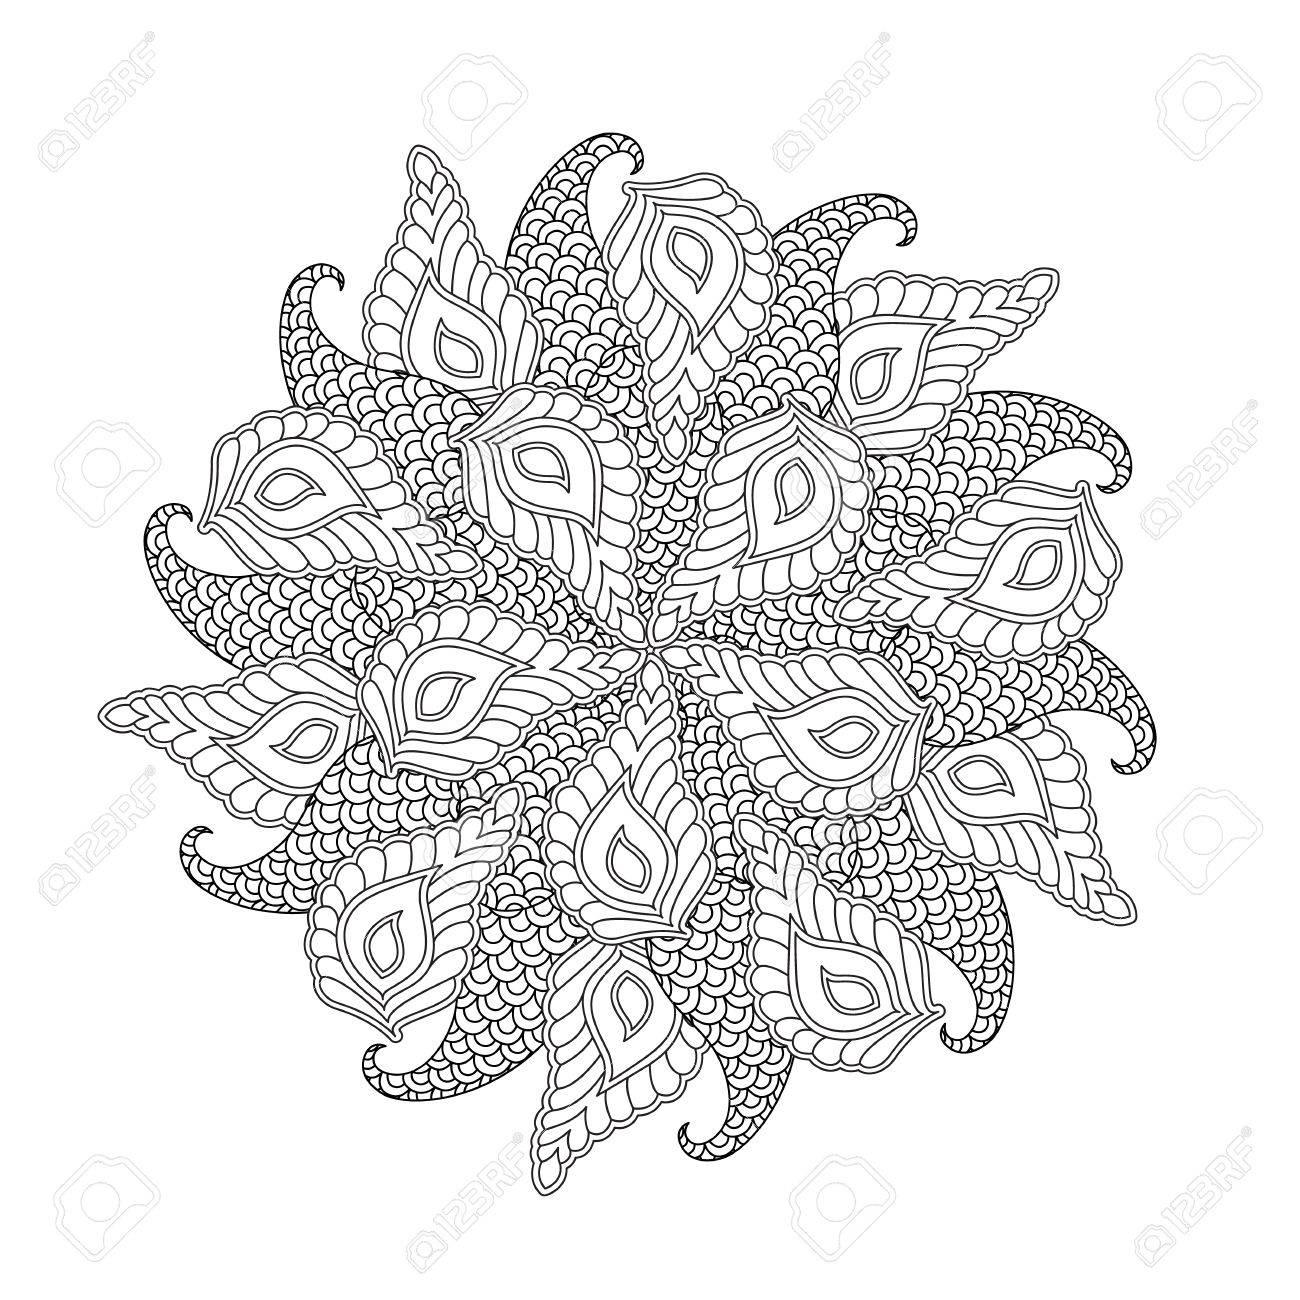 Mandala Gráfico Con Hojas Y Formas Abstractas. Estilo Inspirado ...